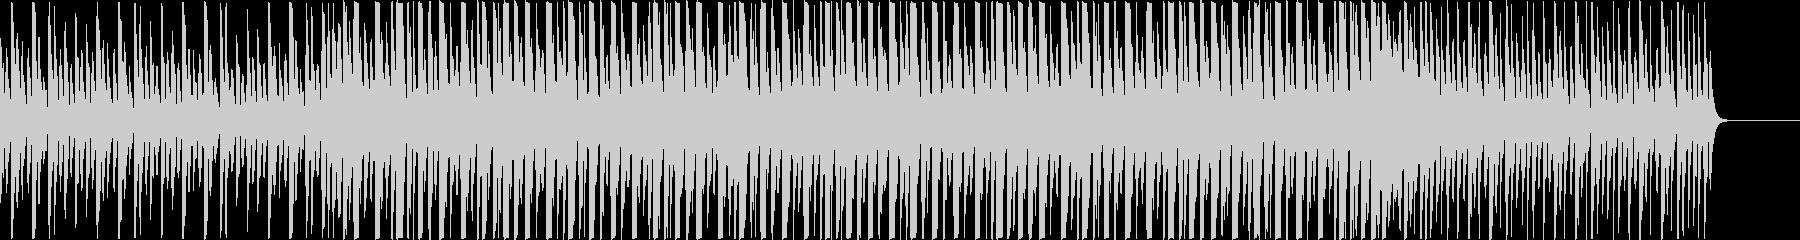 マリンバ、グロッケンの可愛らしい楽曲。の未再生の波形